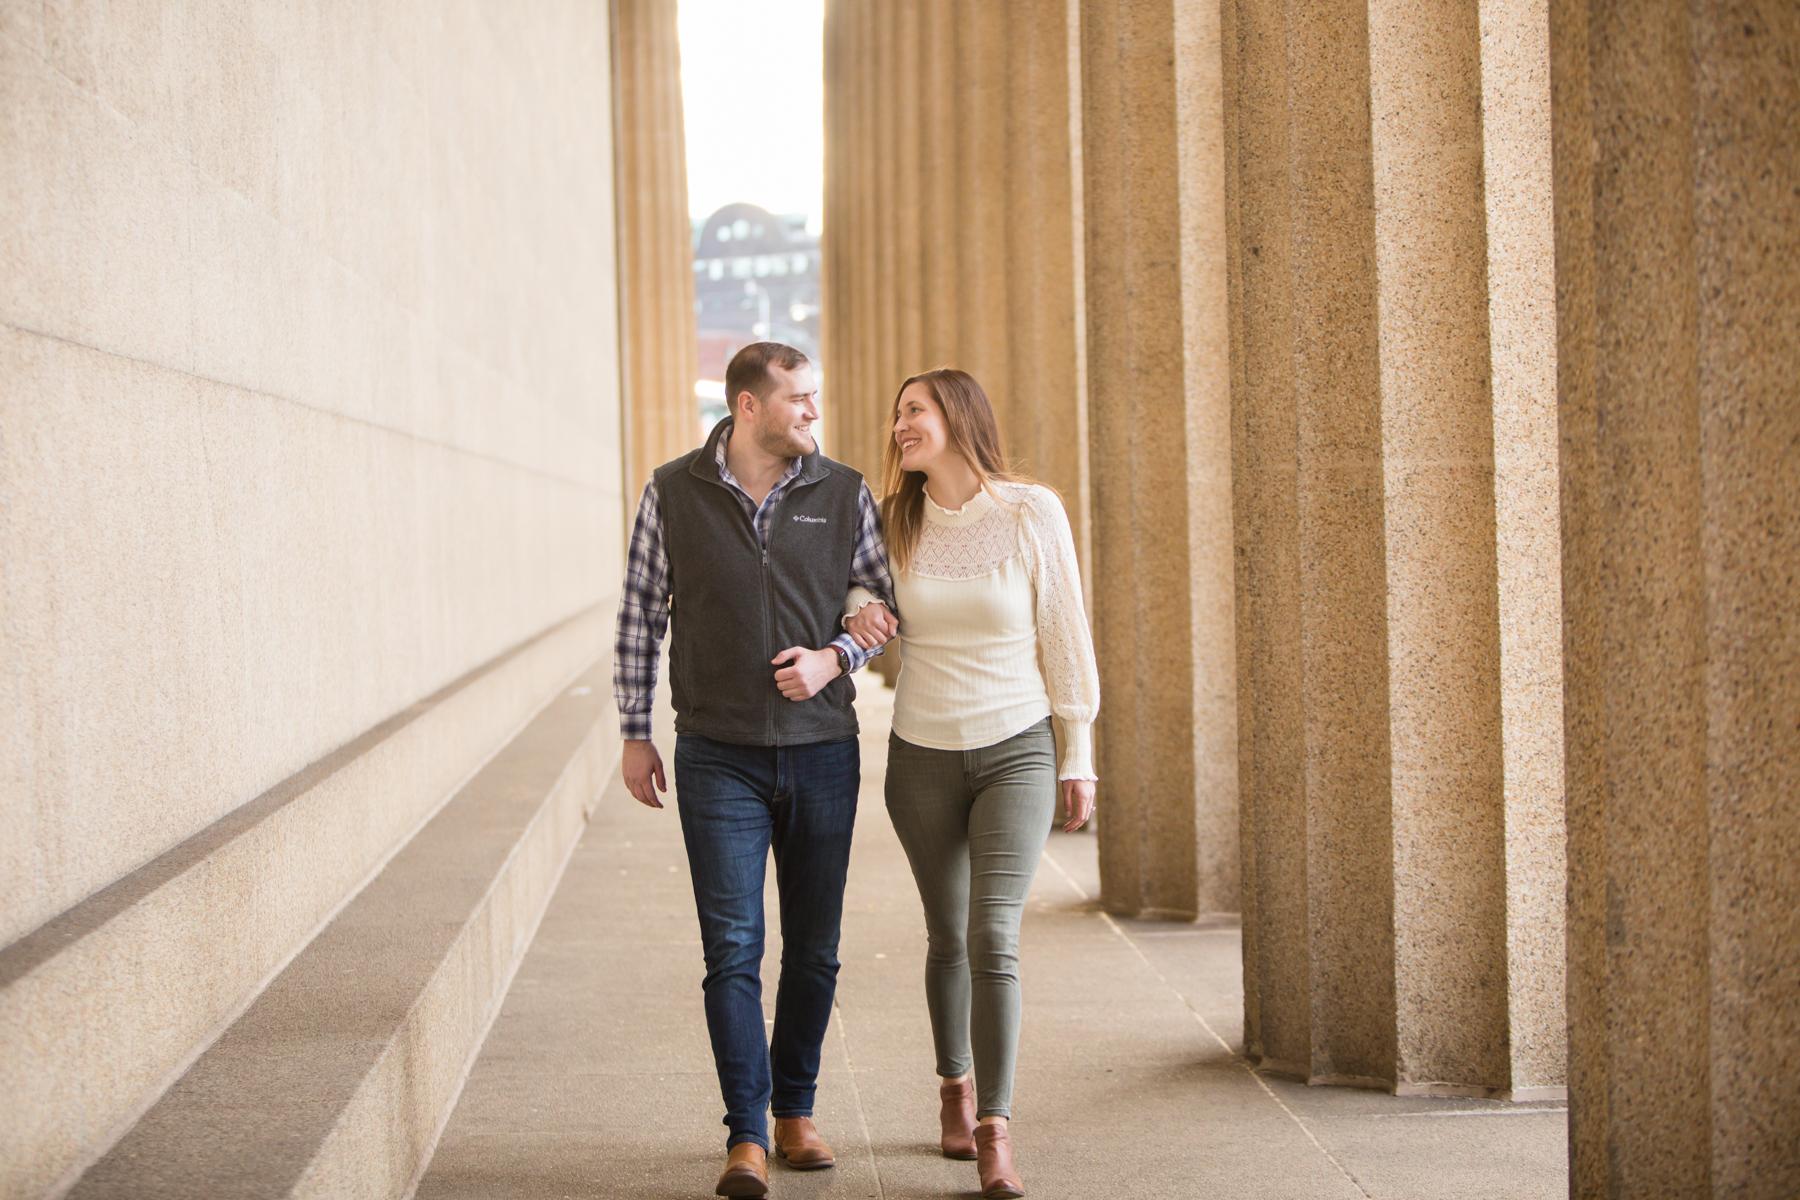 Lauren-and-Grant-Engagement-Centennial-Park-Nashville-Sneak-Peak-0041.jpg